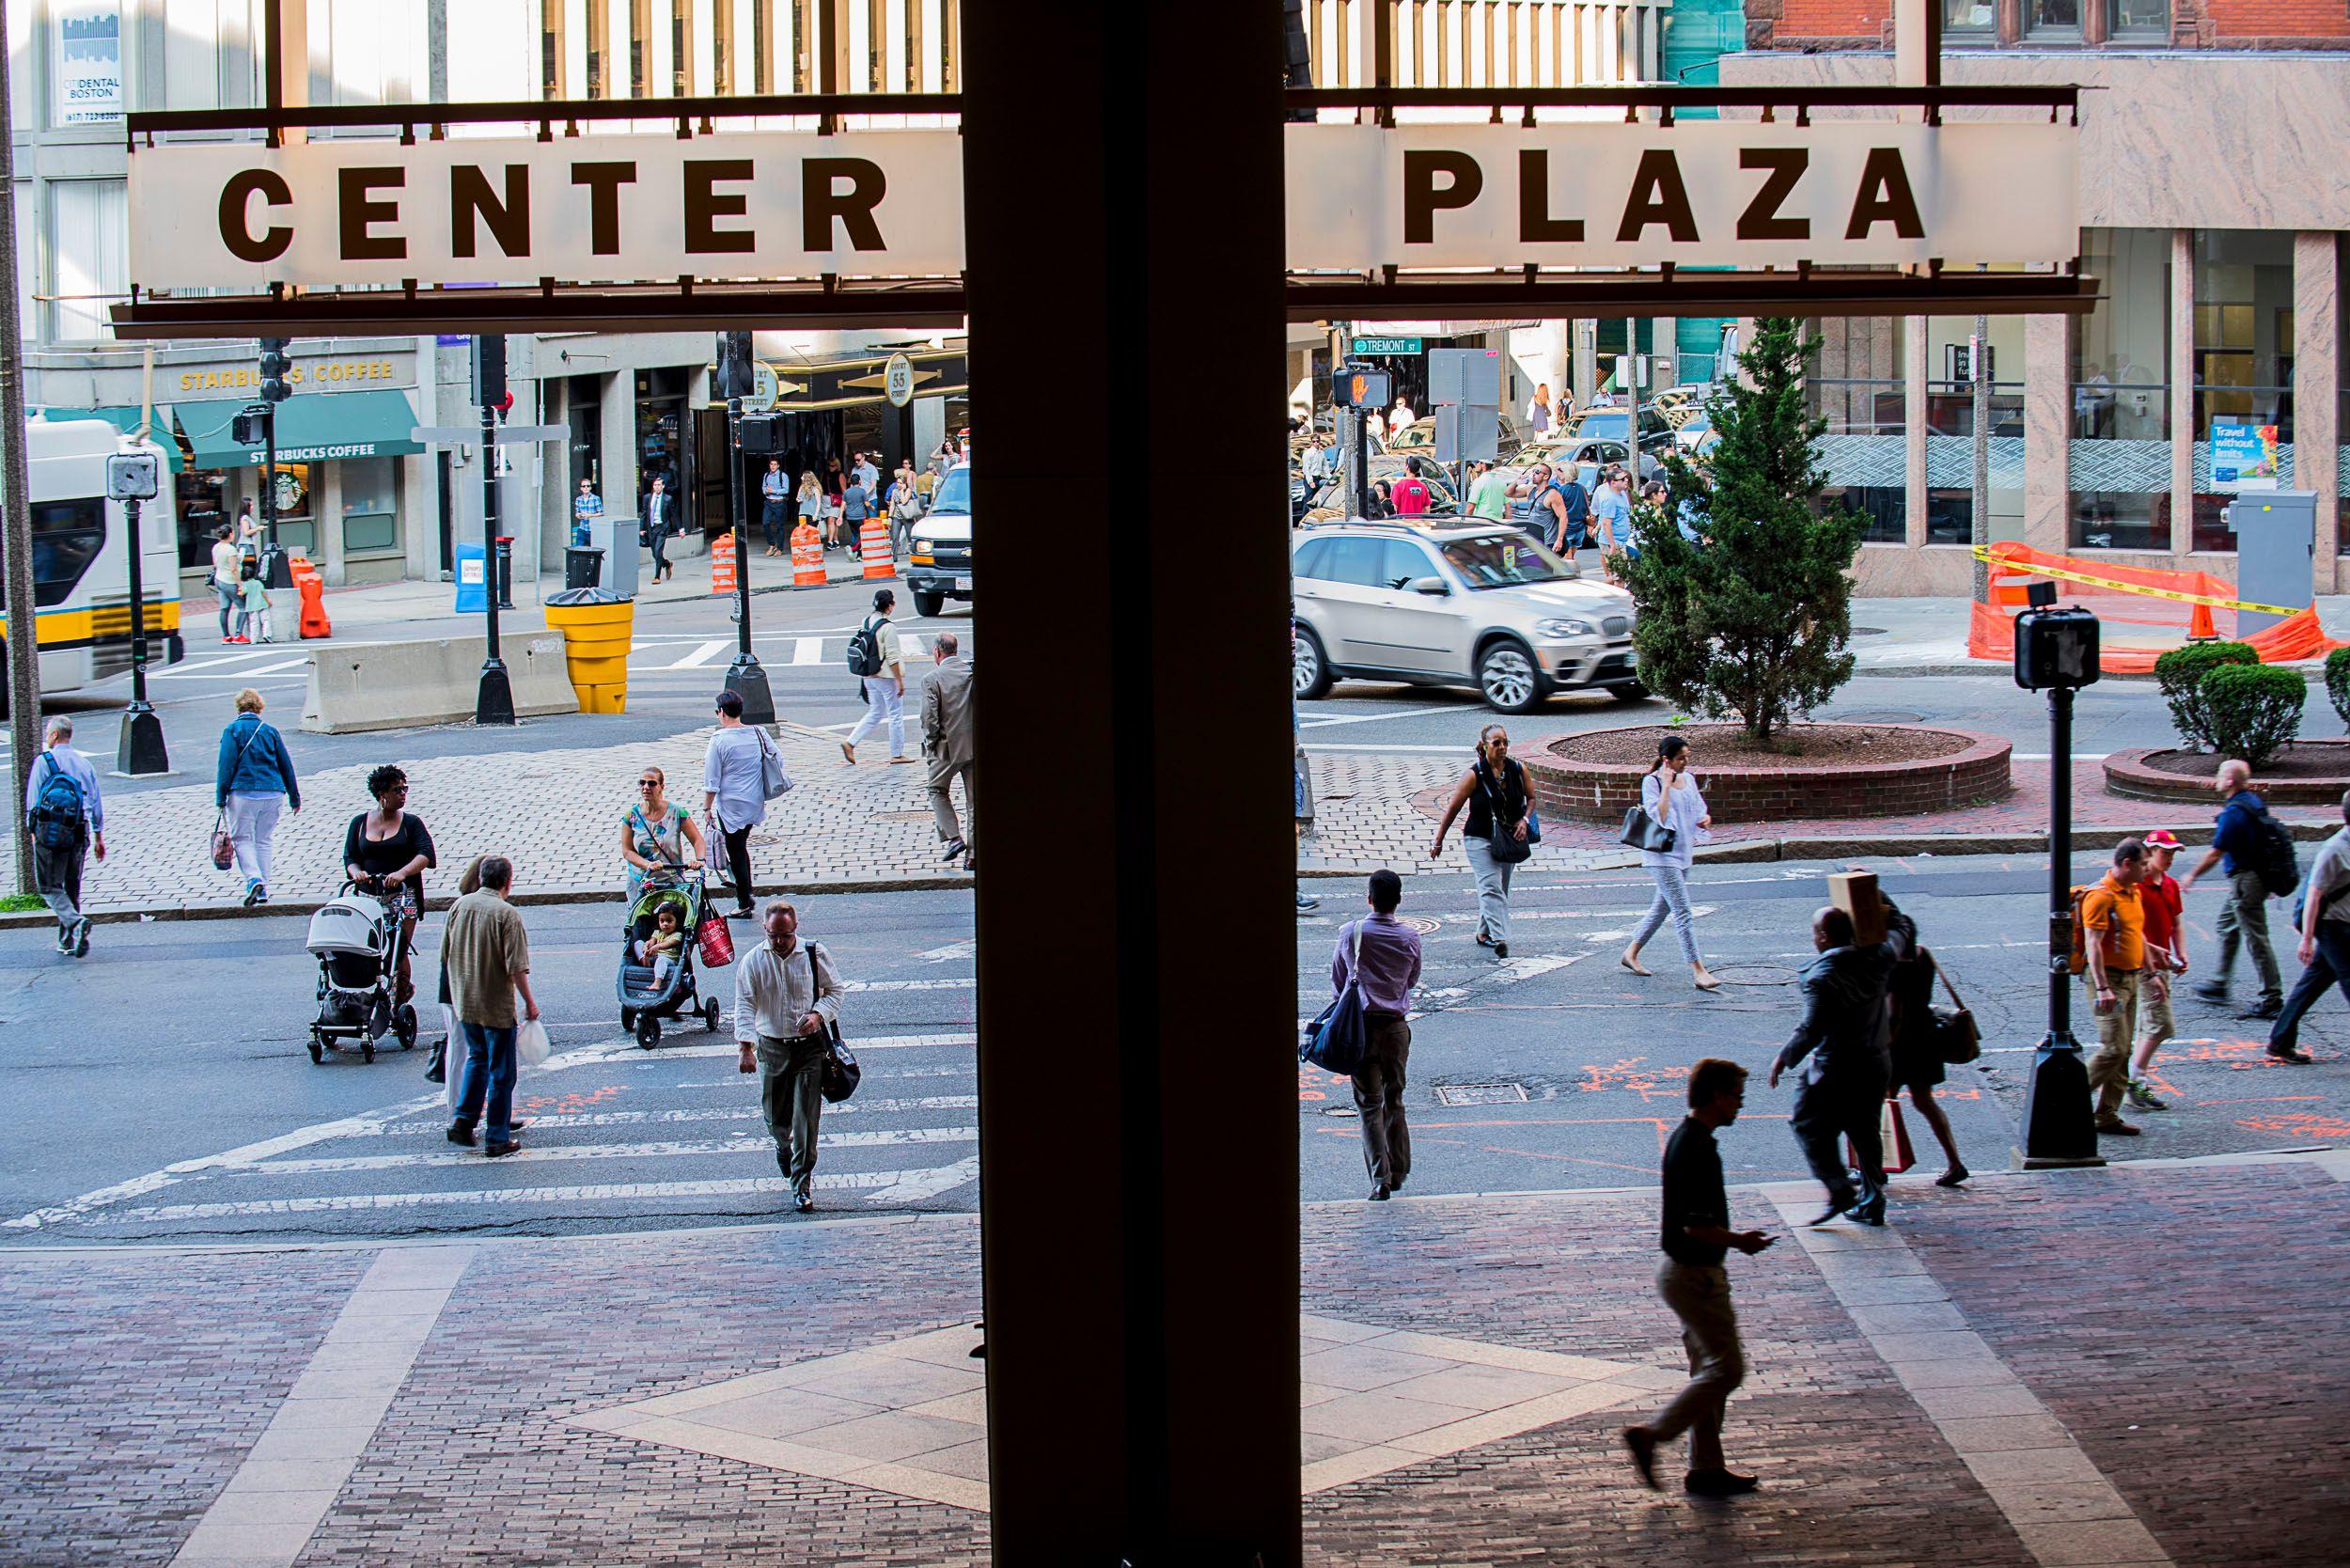 Center Plaza